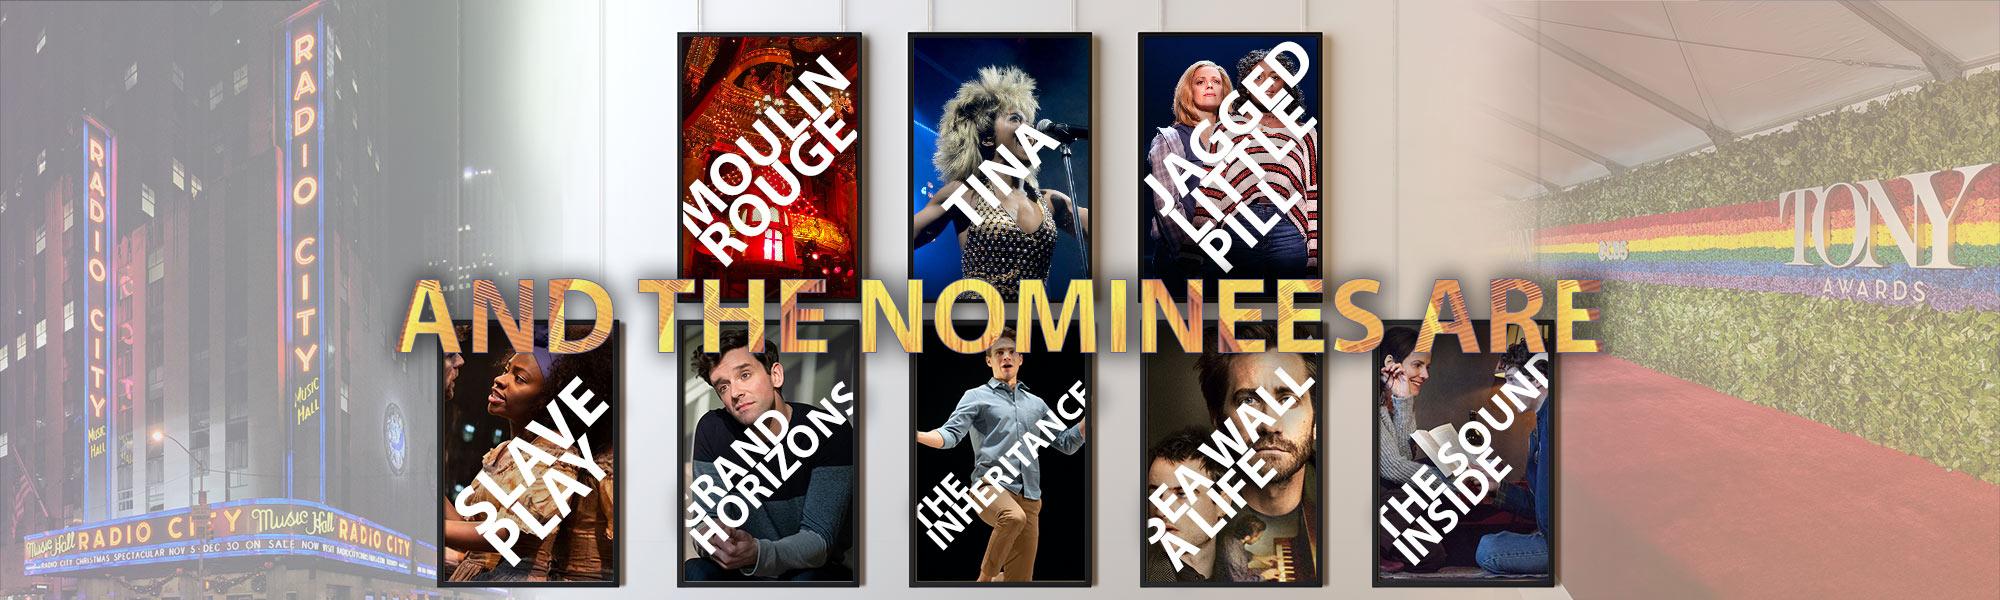 The Tony Awards 2020 Nominations